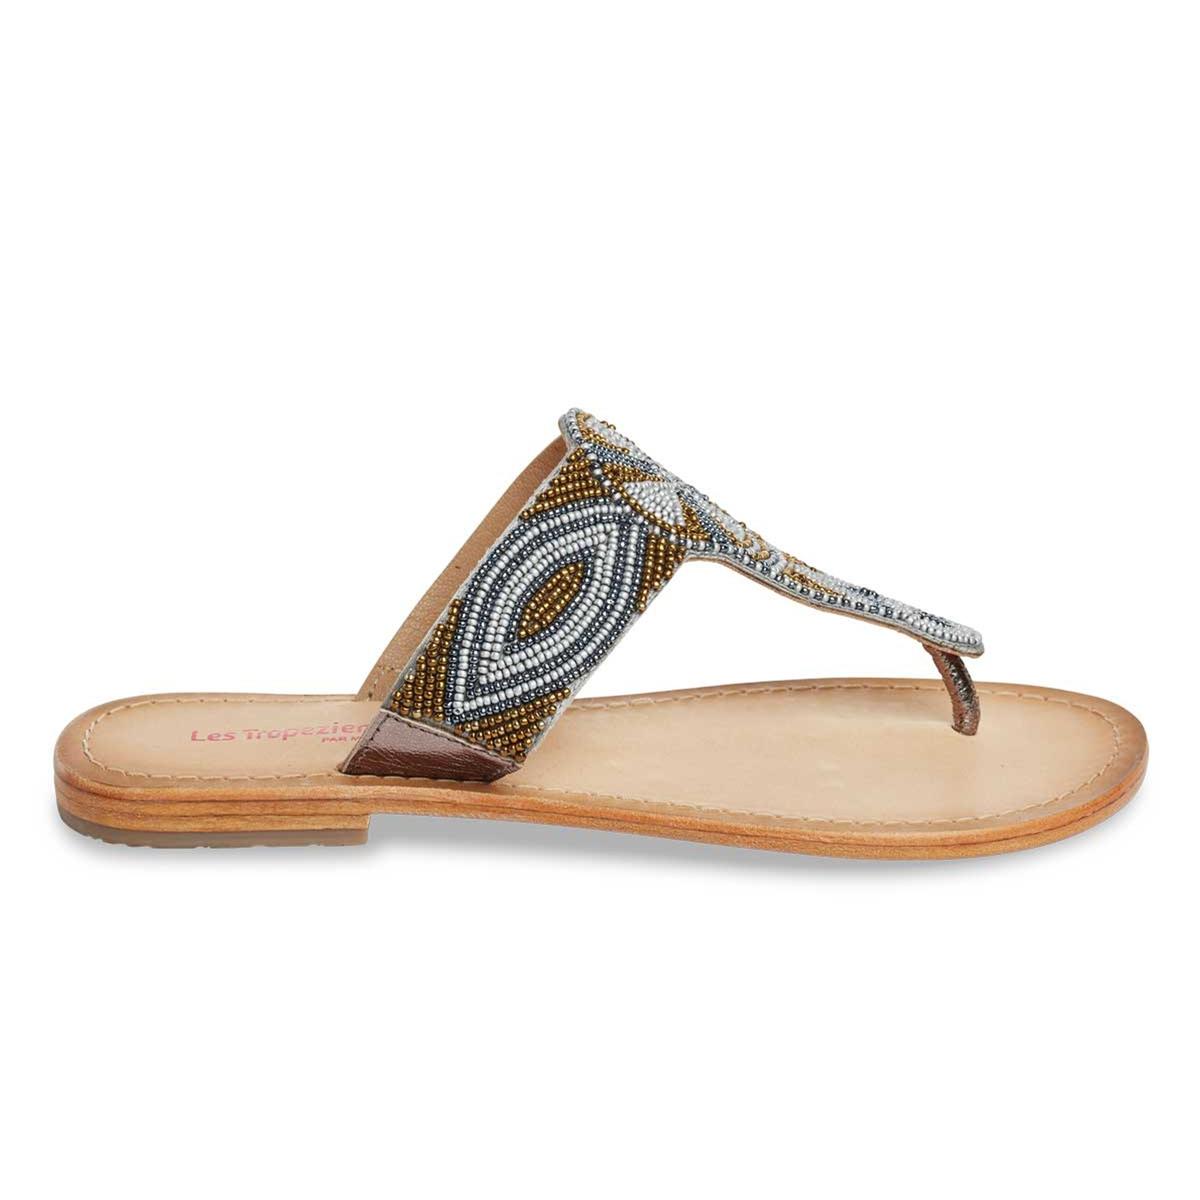 Сандалии плоские кожаные MelodyВерх/Голенище : кожа и синтетика Подкладка : кожа Стелька : кожа Подошва : кожа Высота каблука : плоский Форма каблука : плоский каблук Мысок : открытый мысок Застежка : без застежки<br><br>Цвет: бронзовый<br>Размер: 37